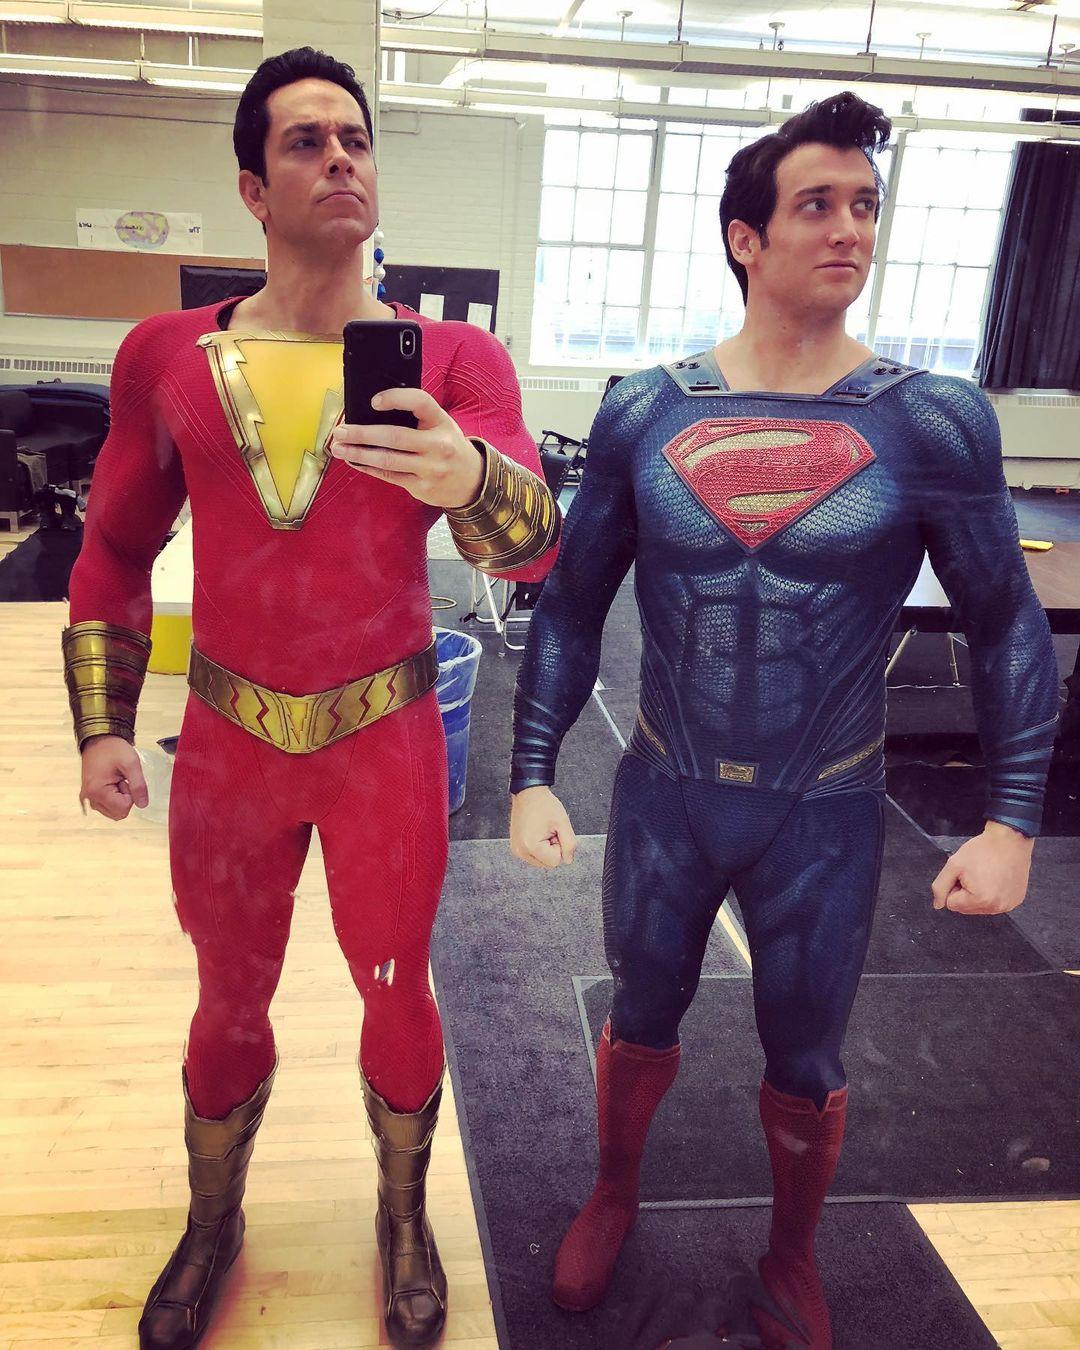 Zachary Levi como Shazam y el doble Ryan Handley como Superman en una selfie tomada en el set de Shazam! (2019). Imagen: Ryan Handley Instagram (@handleystunts).